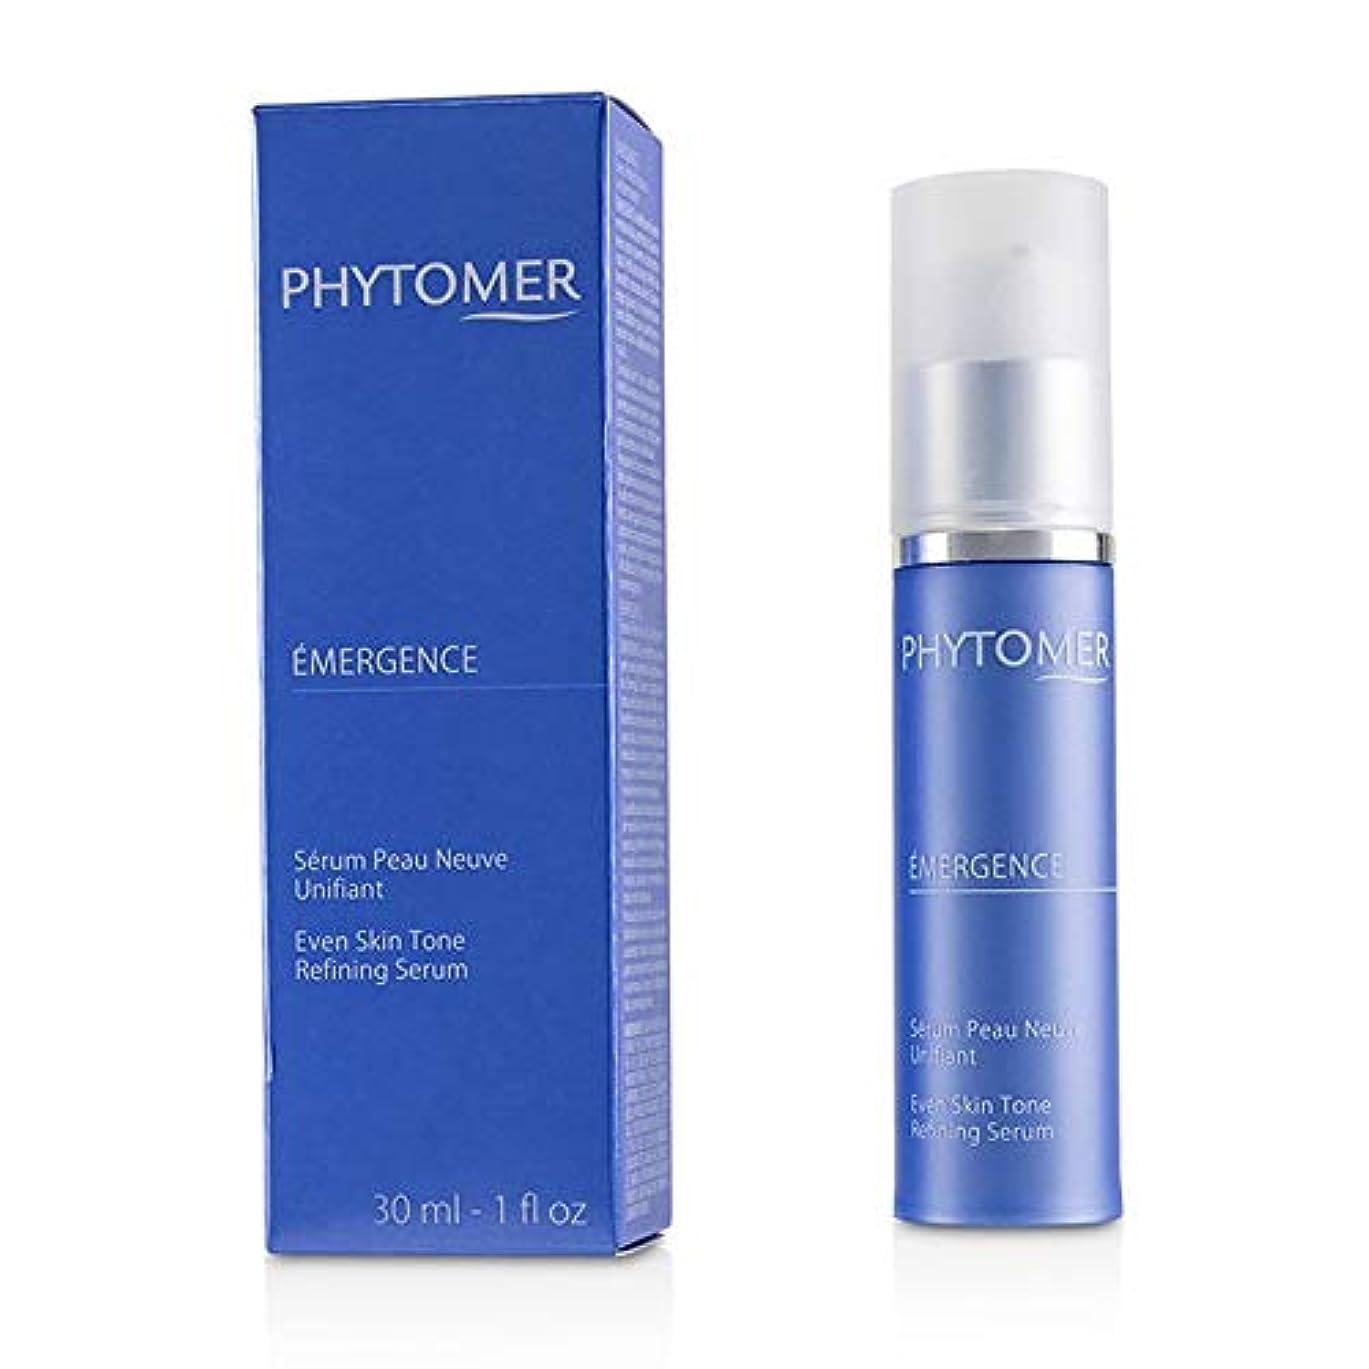 近代化するモンゴメリー反対にPhytomer Emergence Even Skin Tone Refining Serum 30ml並行輸入品